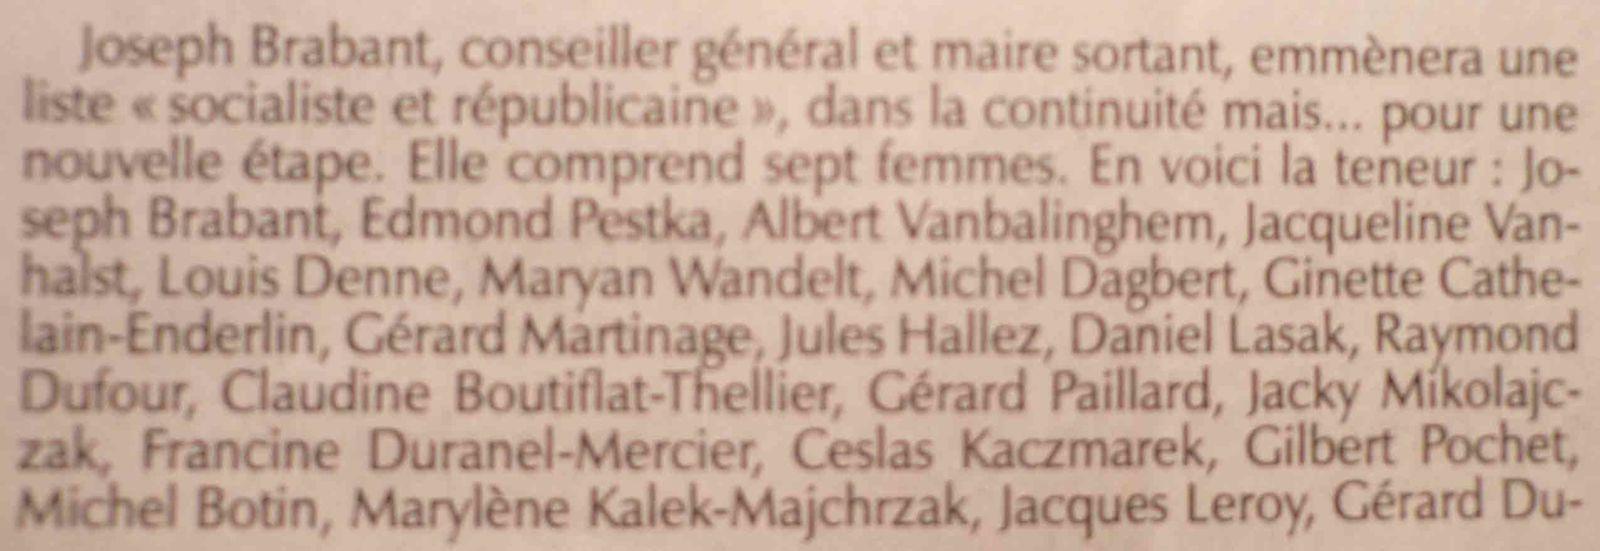 Deux listes pour les élections municipales de Barlin en 1995